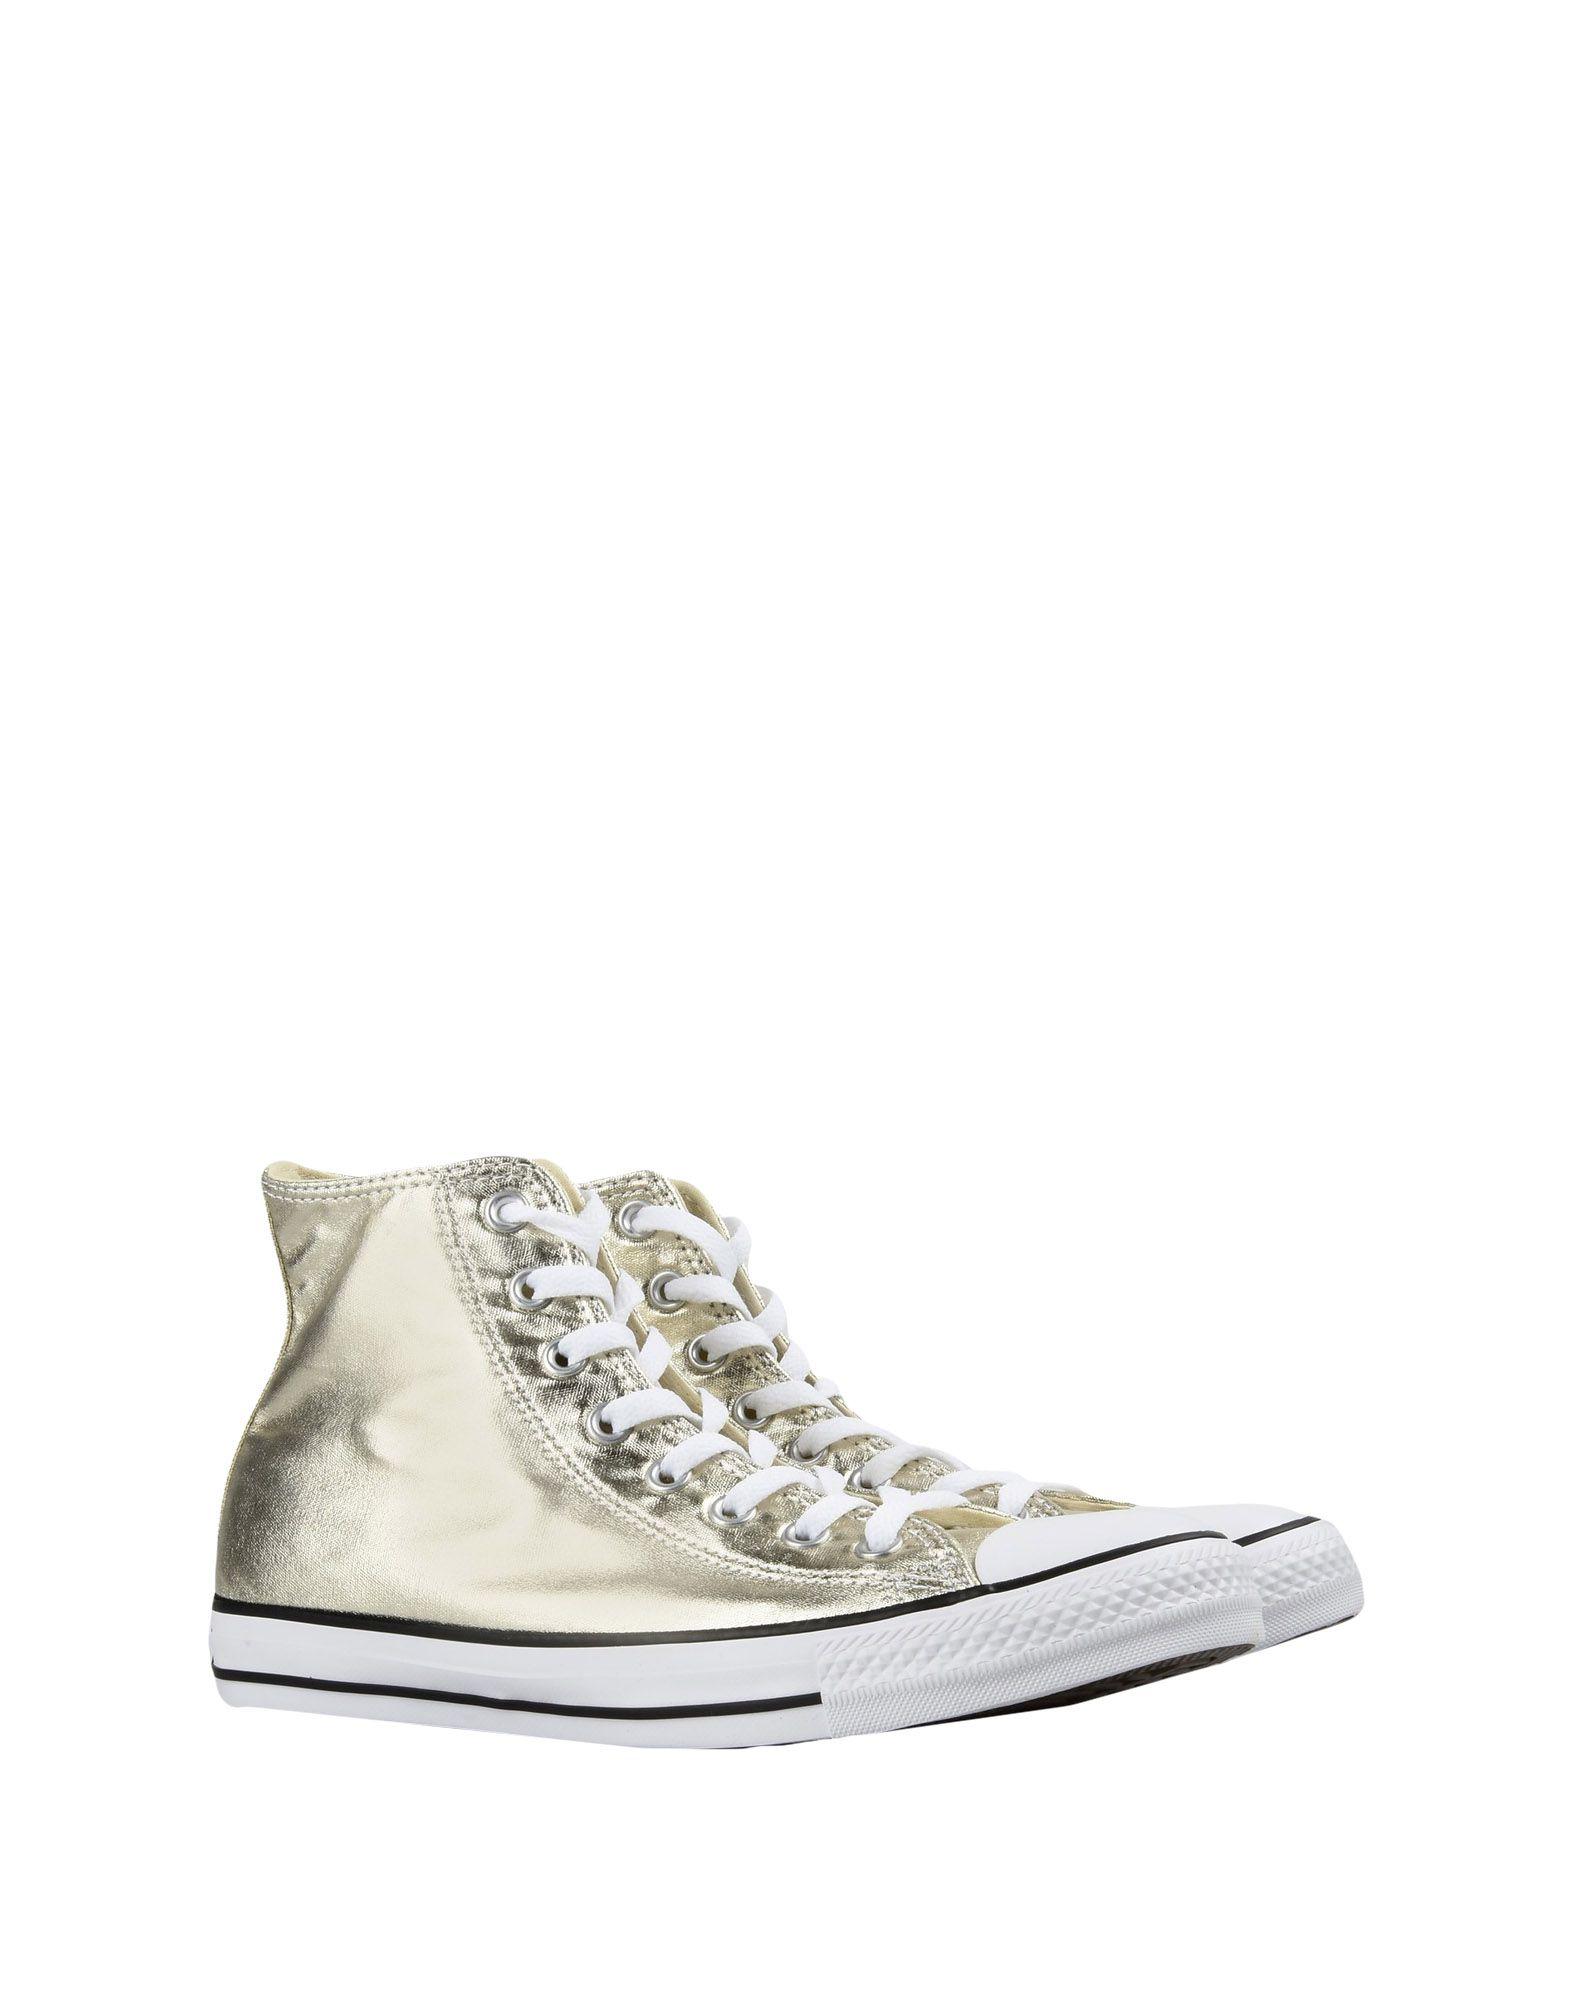 Converse All Star Ct As Hi Canvas Metallic  Schuhe 11247675OX Gute Qualität beliebte Schuhe  09dd89